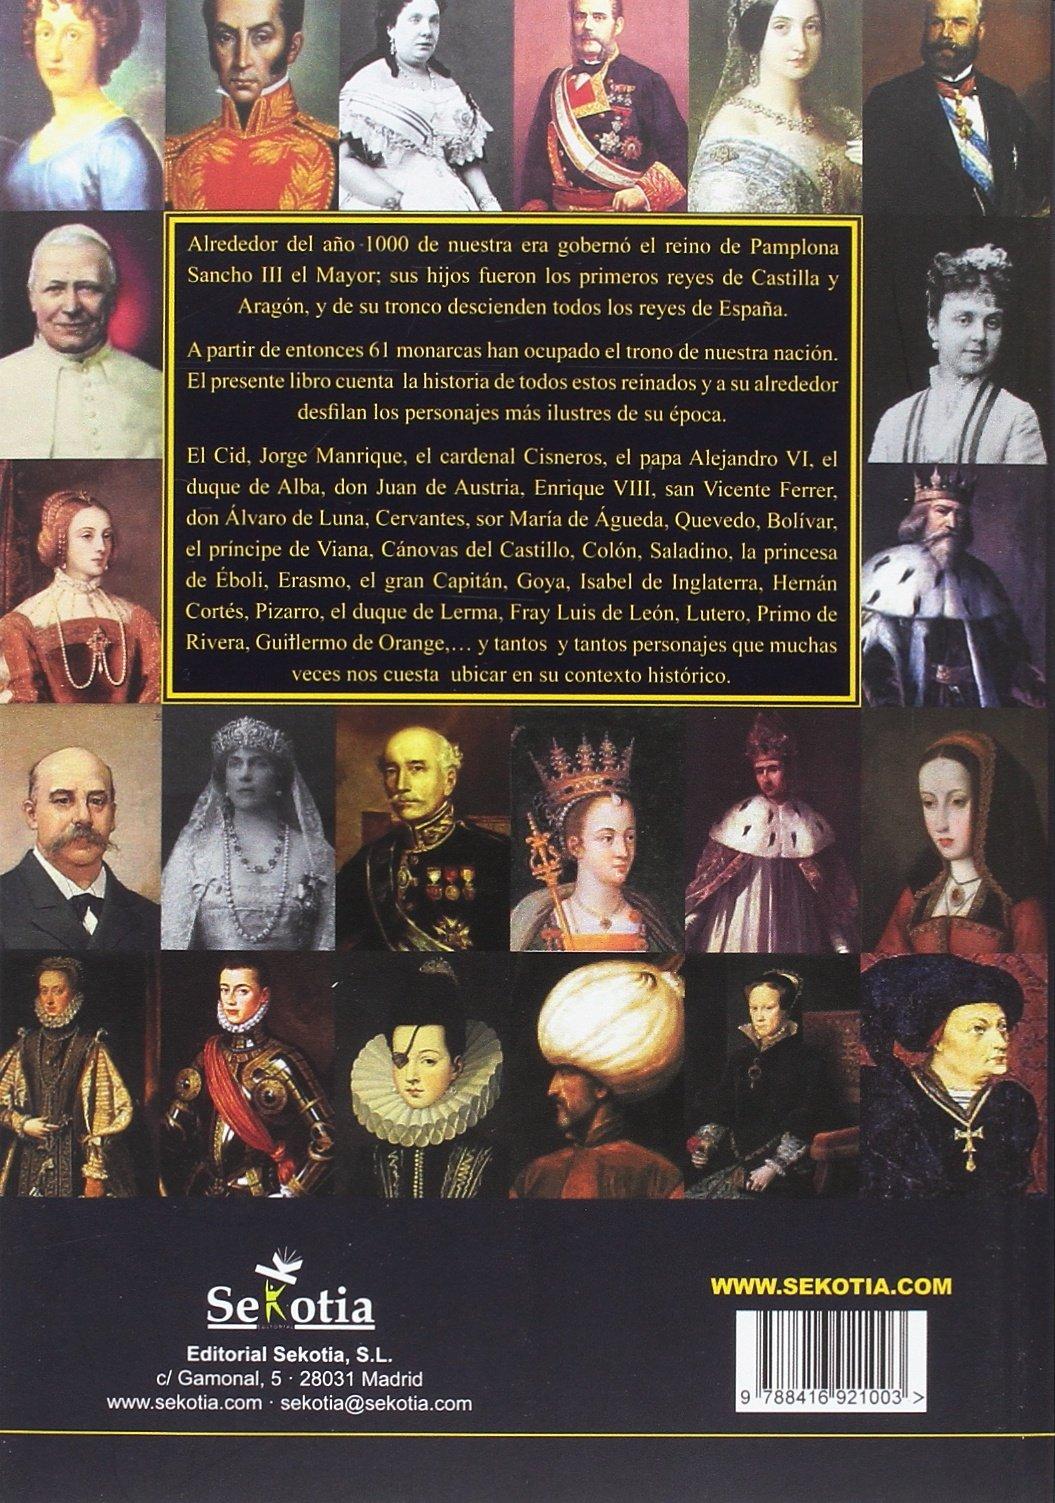 1000 años de la historia de España: A través de sus monarcas desde el año 1000 de nuestra era: Amazon.es: Almela Hijalva, José Vicente: Libros